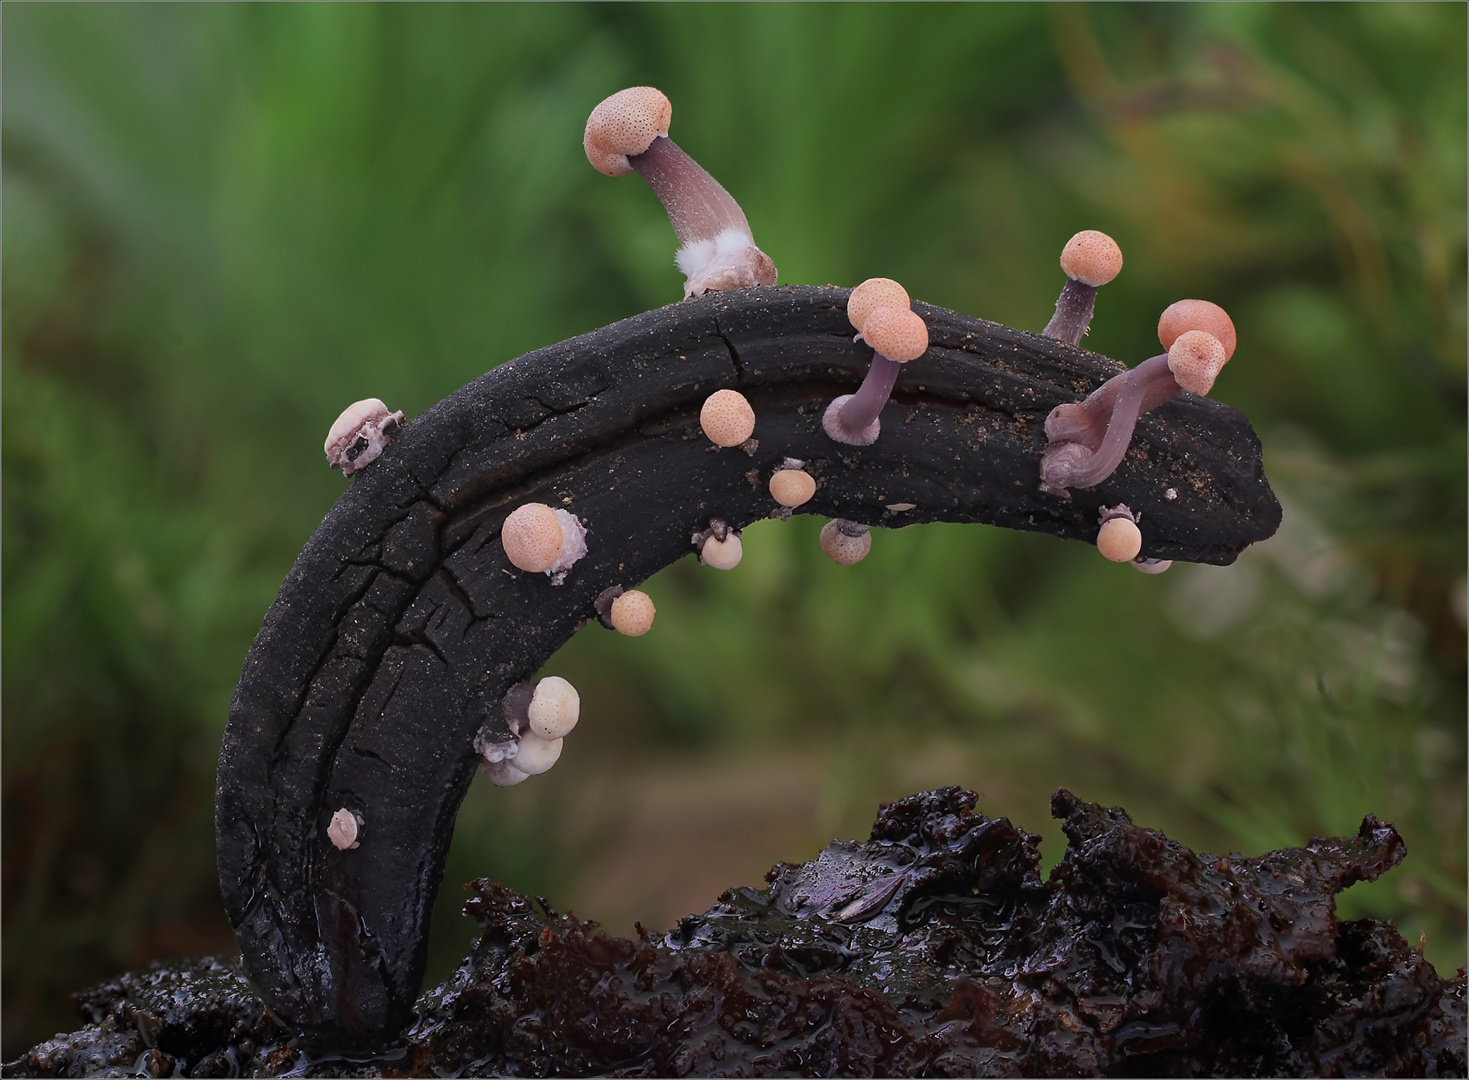 Mutterkorn-Sklerotienkeulchen (Claviceps purpurea) 4